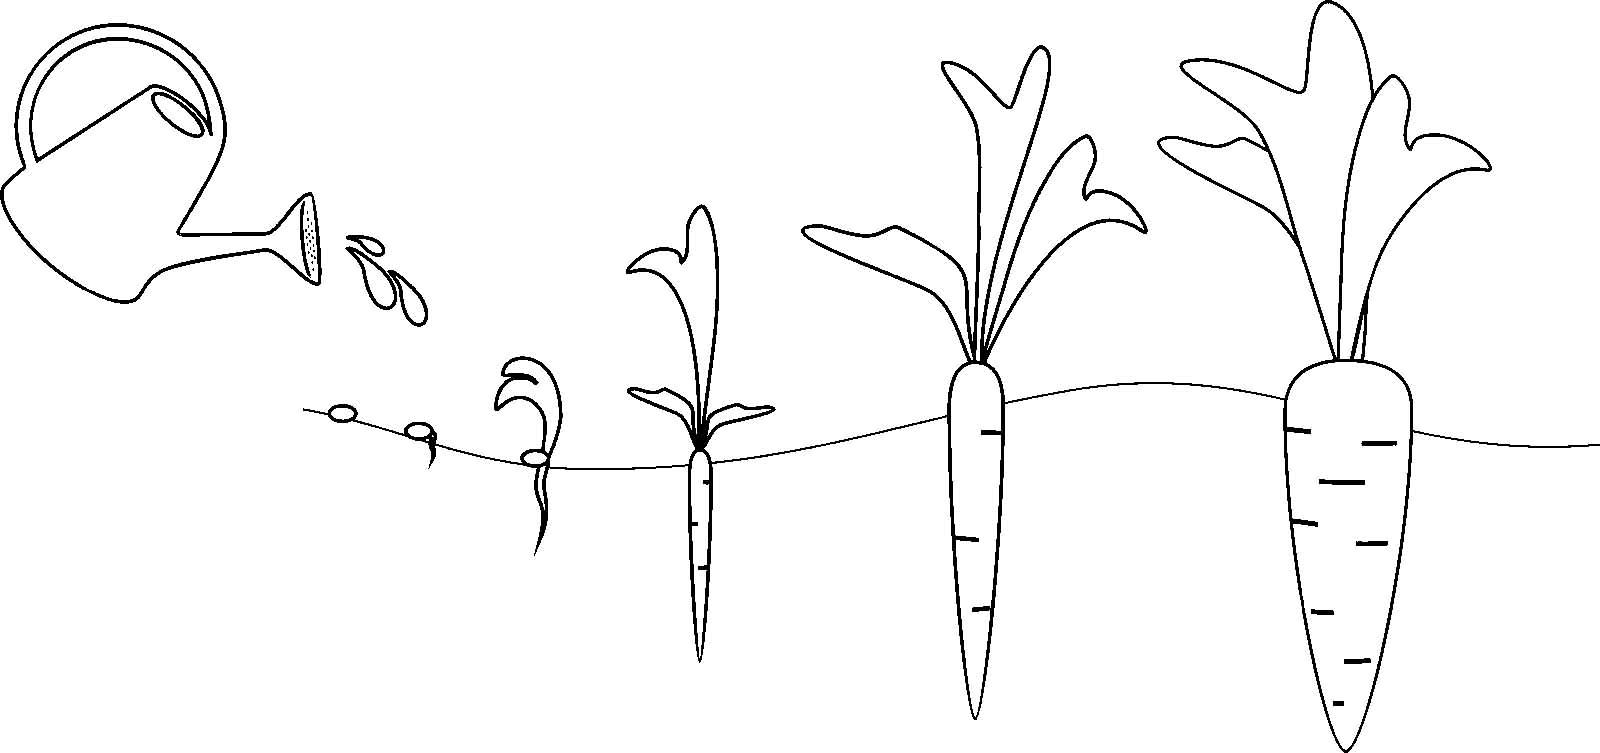 картинки семя росток цветок с бутоном цветок раскрылся настолько креативный что